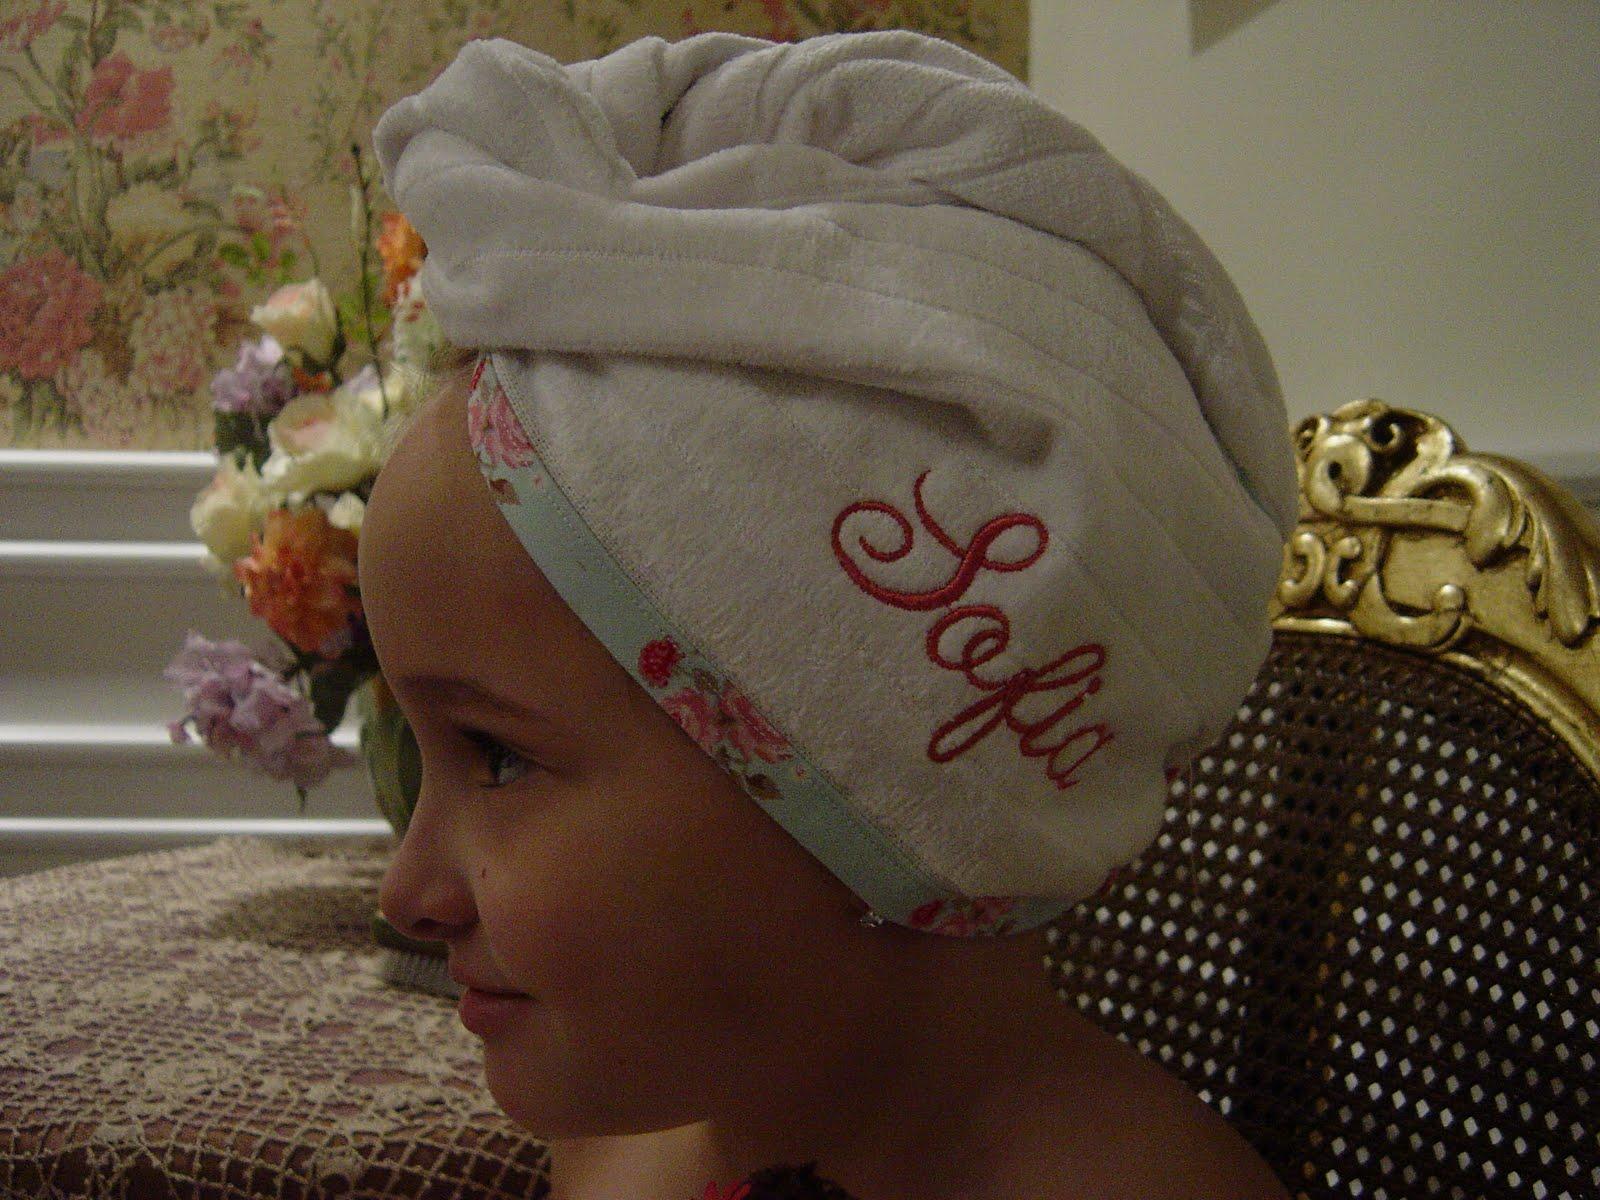 Este kit personalizado de toalha de rosto e banho está fazendo o maior  sucesso com a garotada! É uma ótima opção para presente! d0747b31eb0